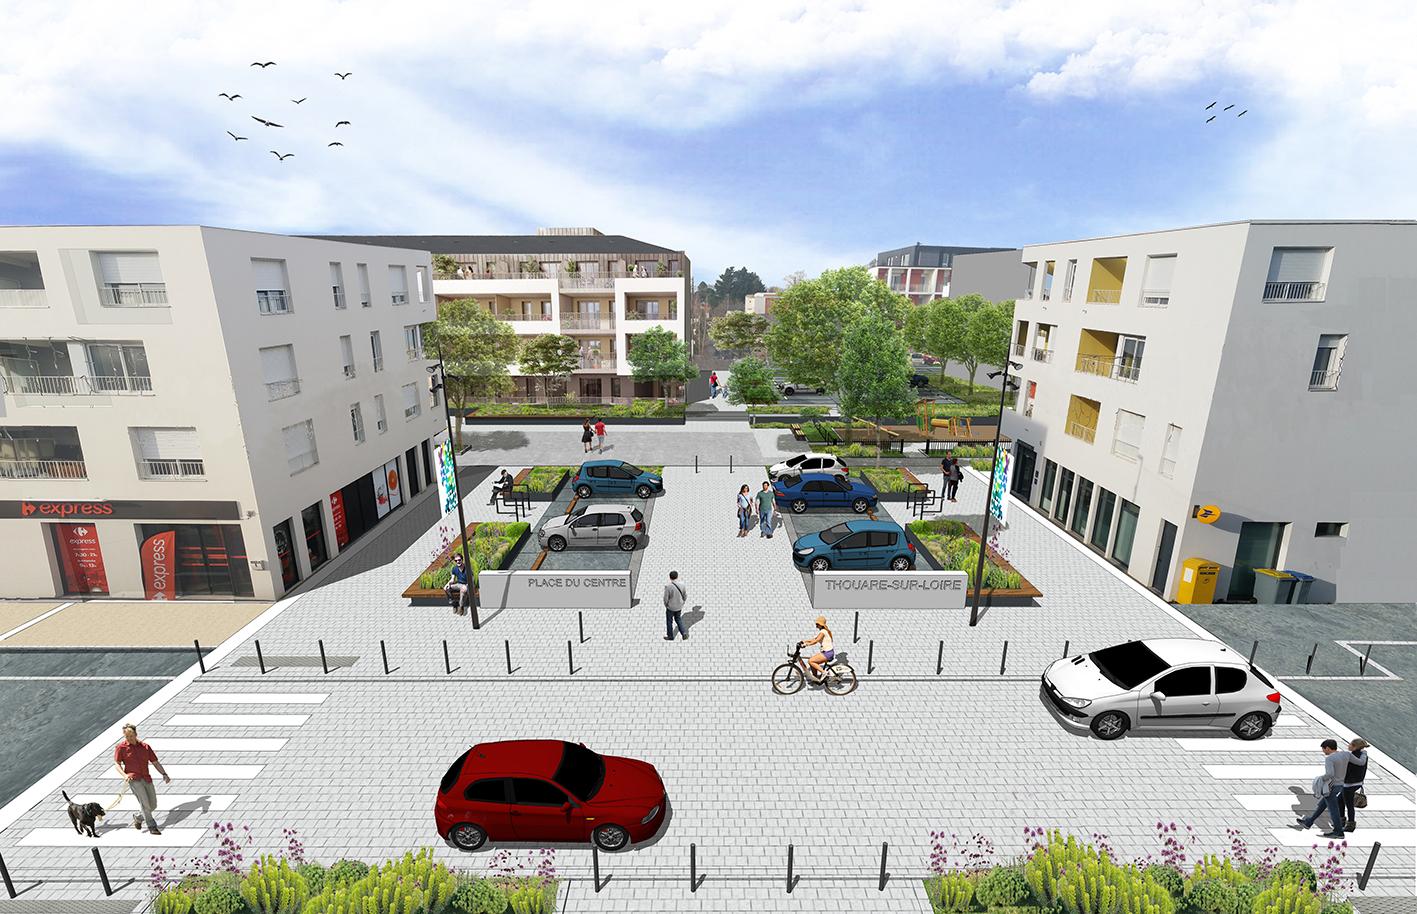 Aménagement espace public - Città - Loire Atlantique